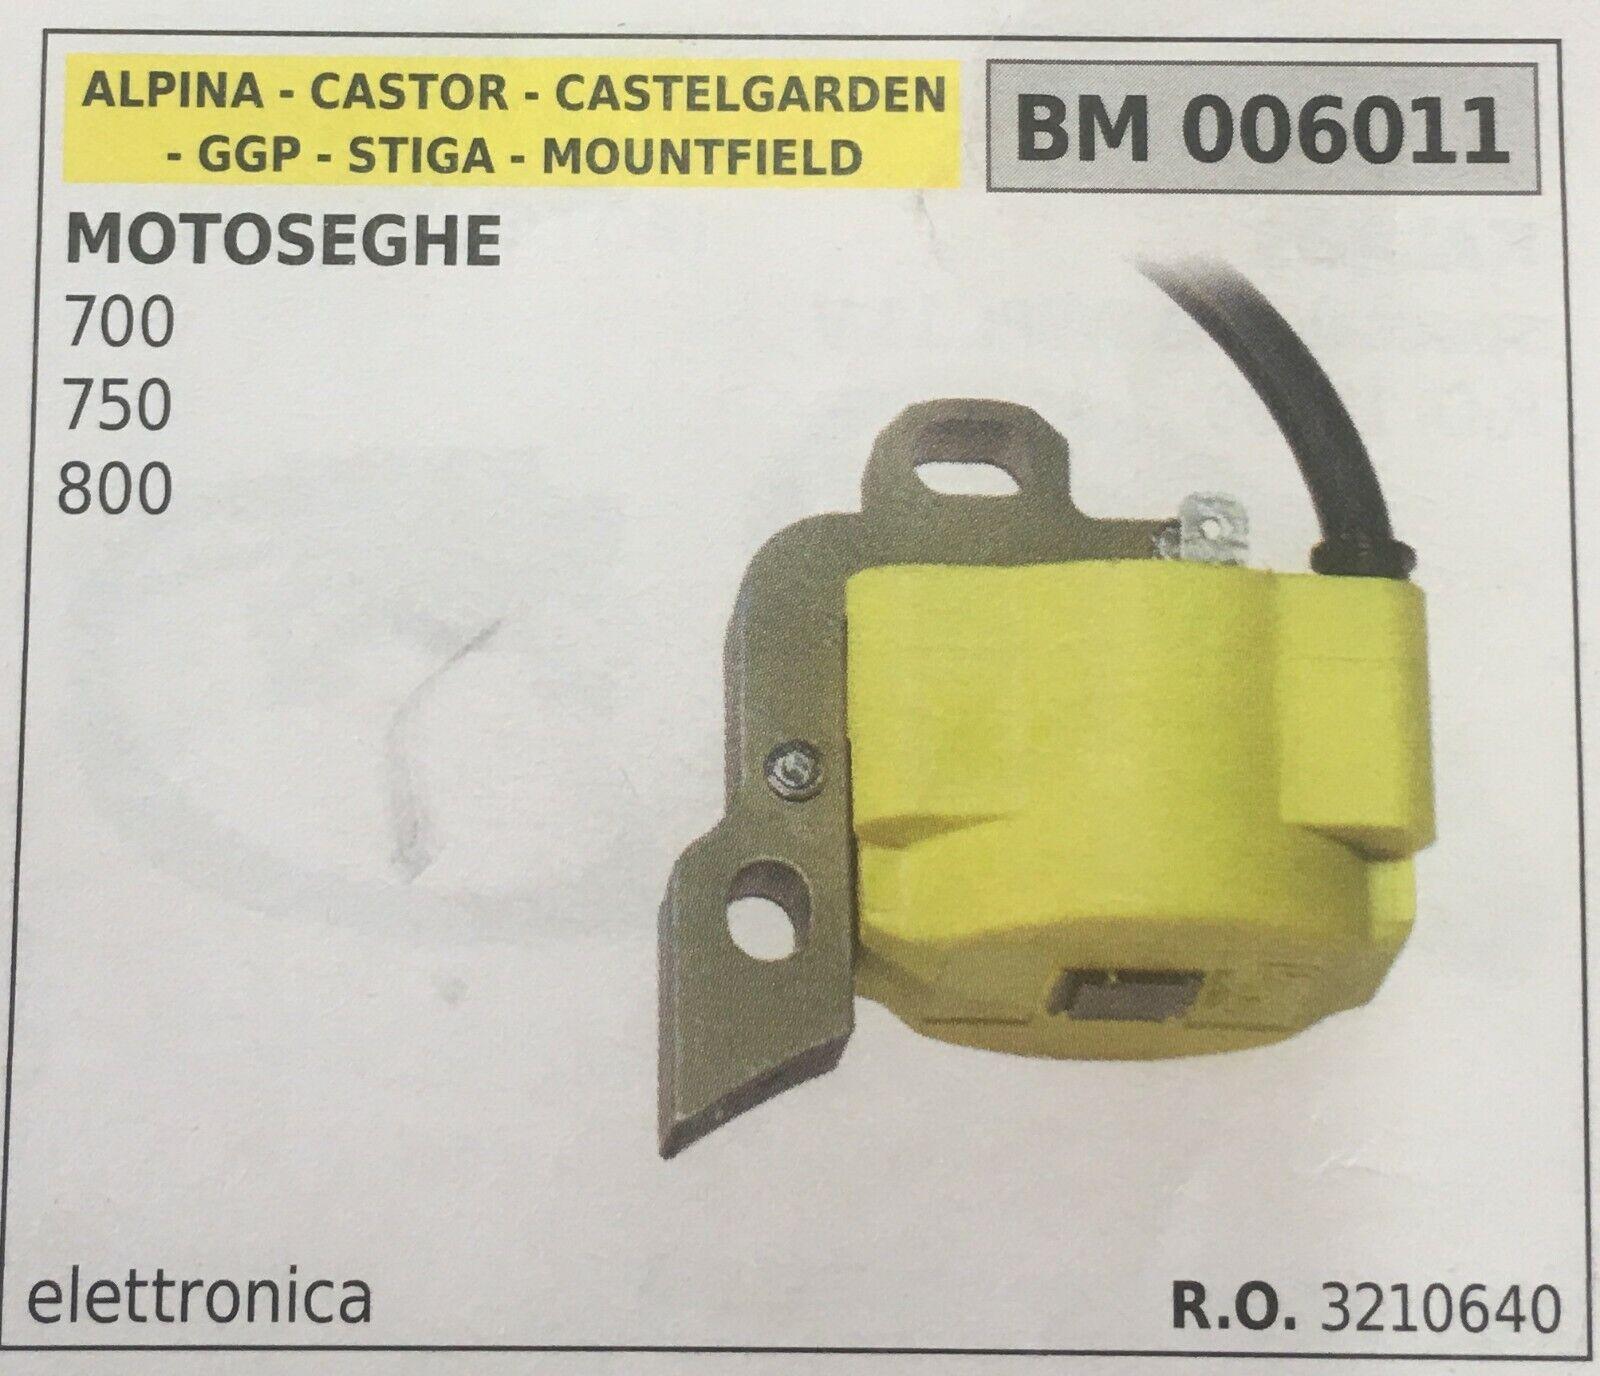 Coil Electronic Alpina - Castor - Castelgarden - Ggp - Stiga - Mountfield